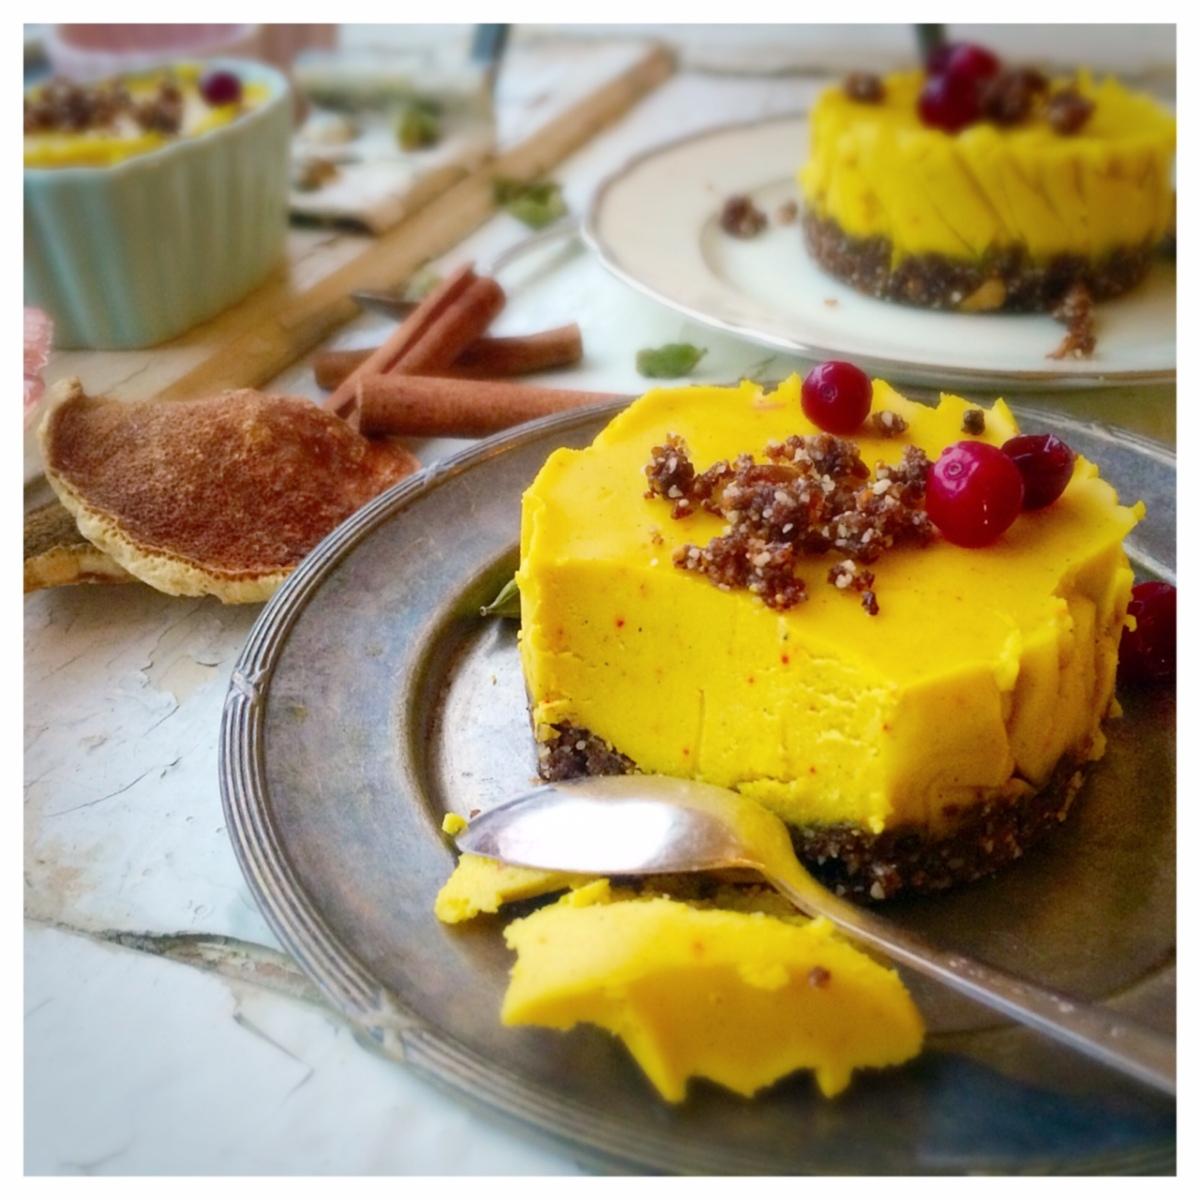 Raw Apelsin och Saffranscheesecake med pepparkakskryddad botten